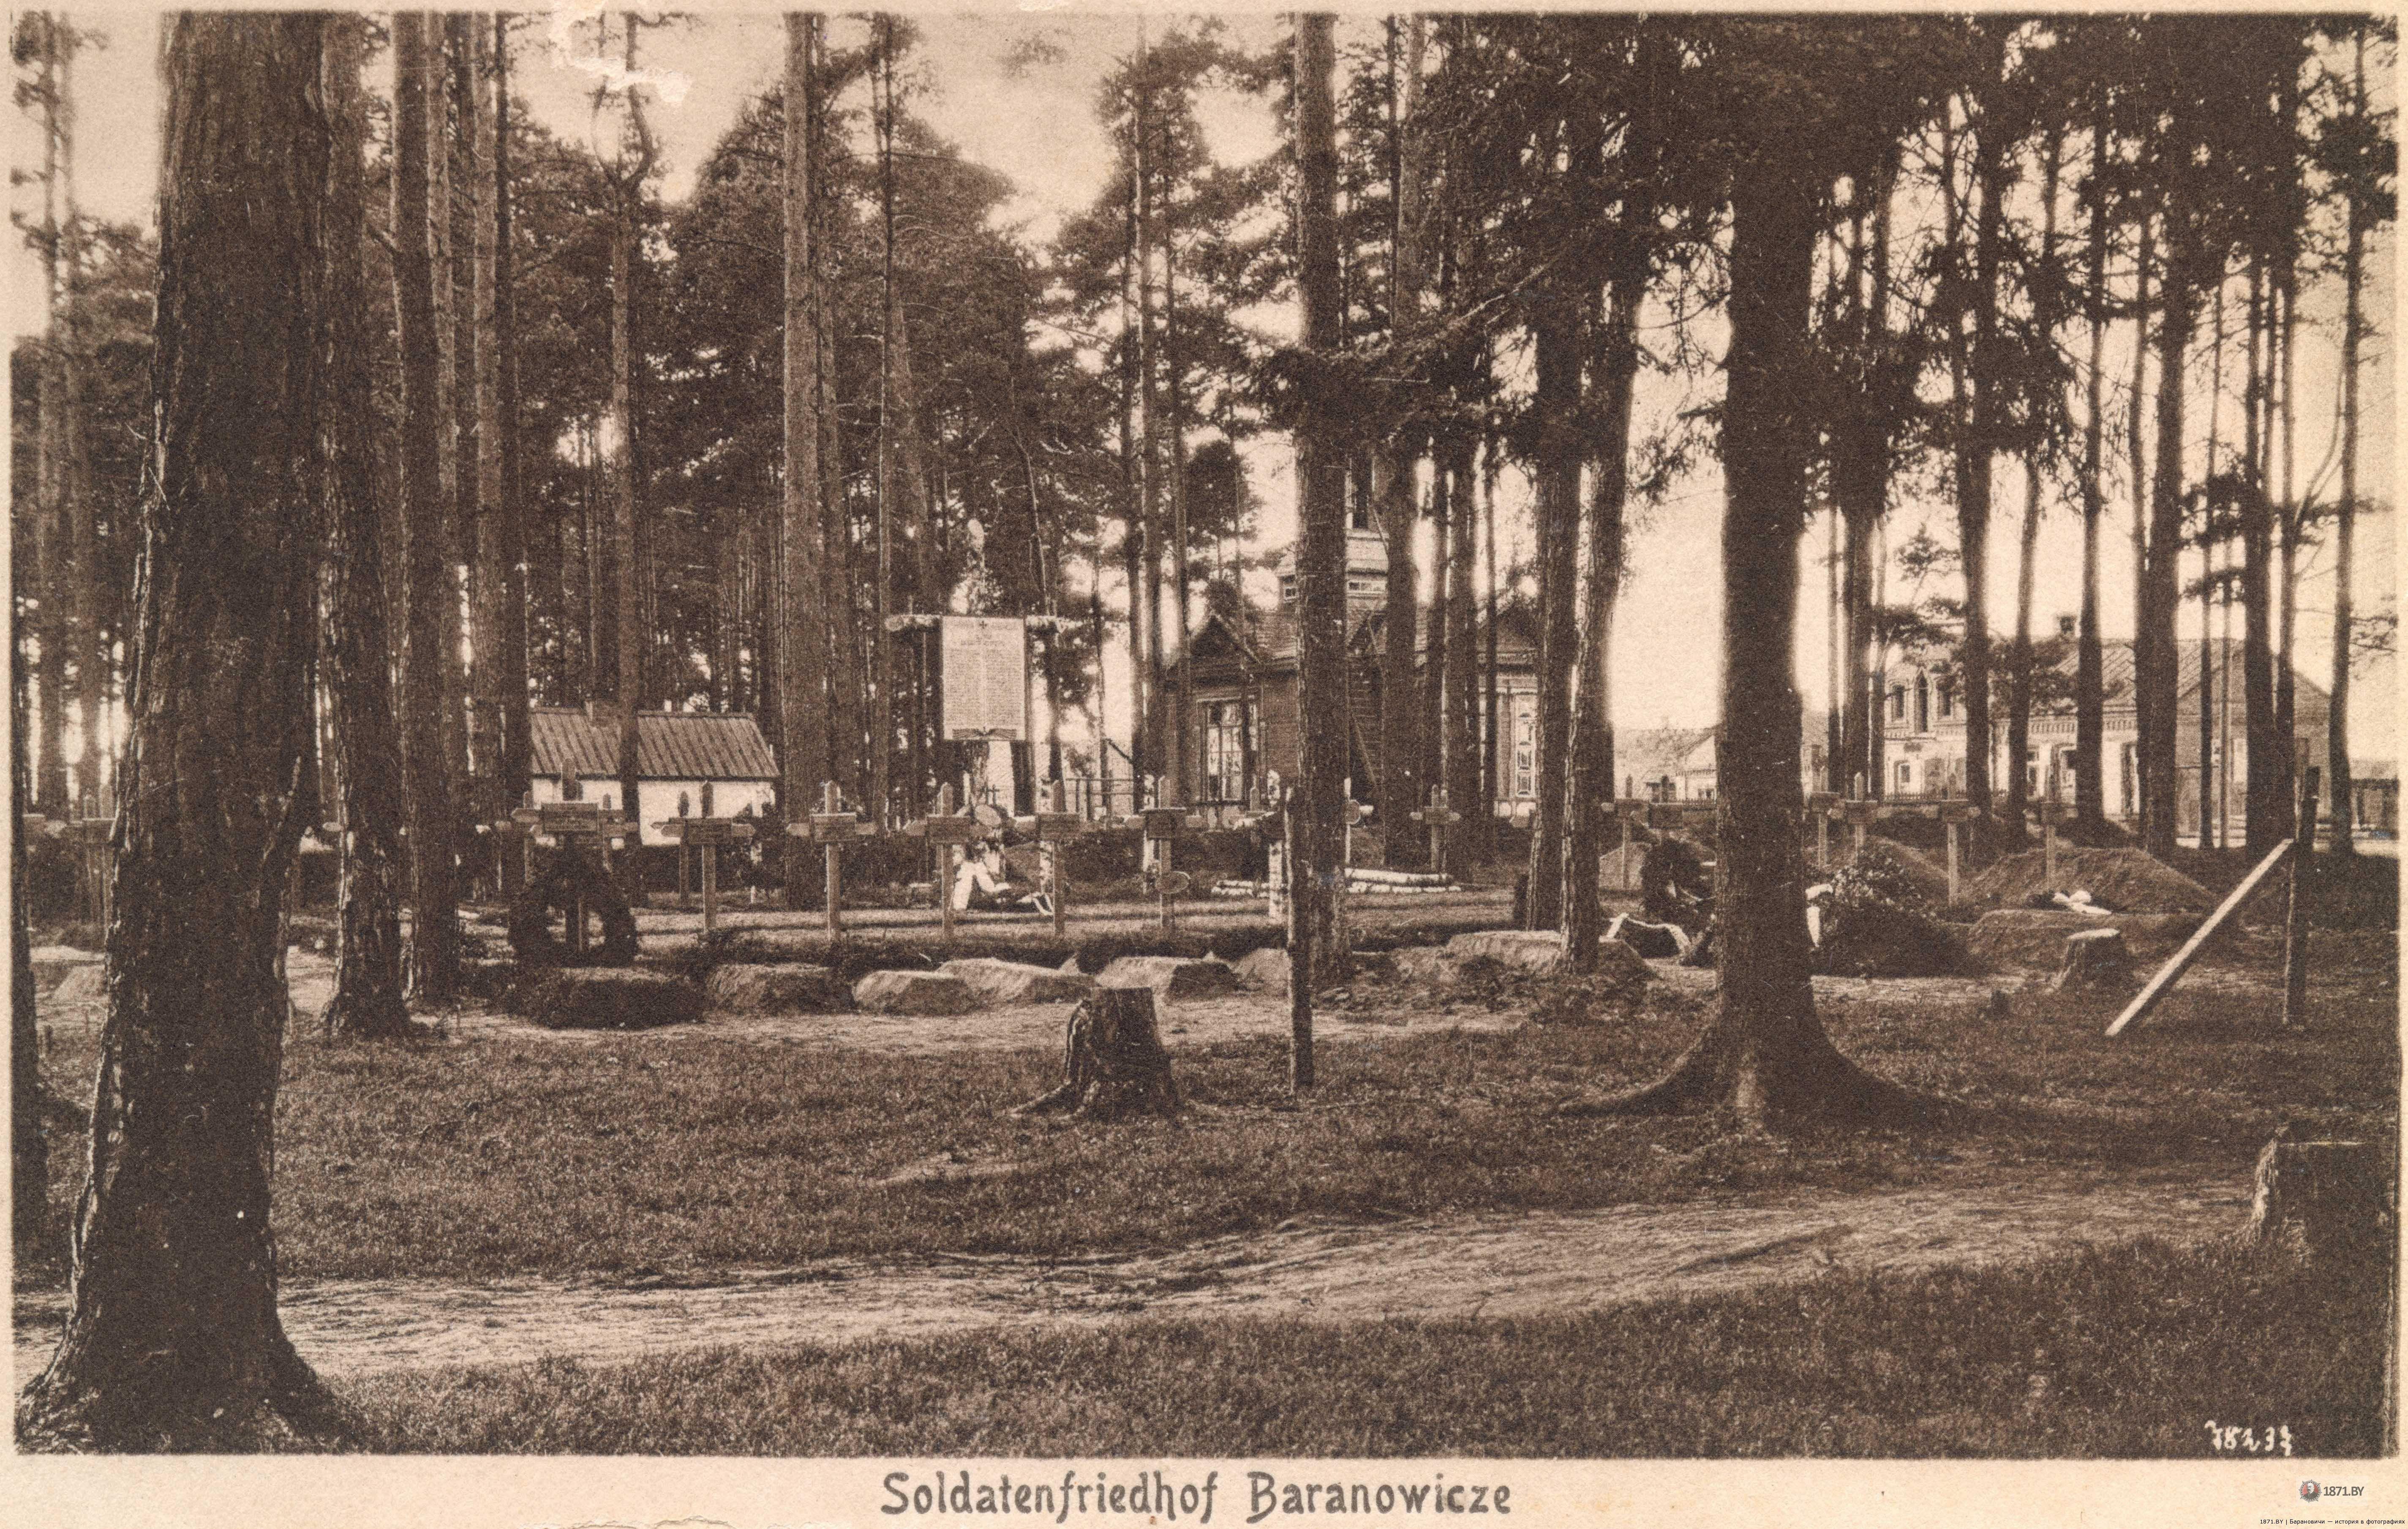 1915-Baranowitschi-Soldatenfriedhof-1871by